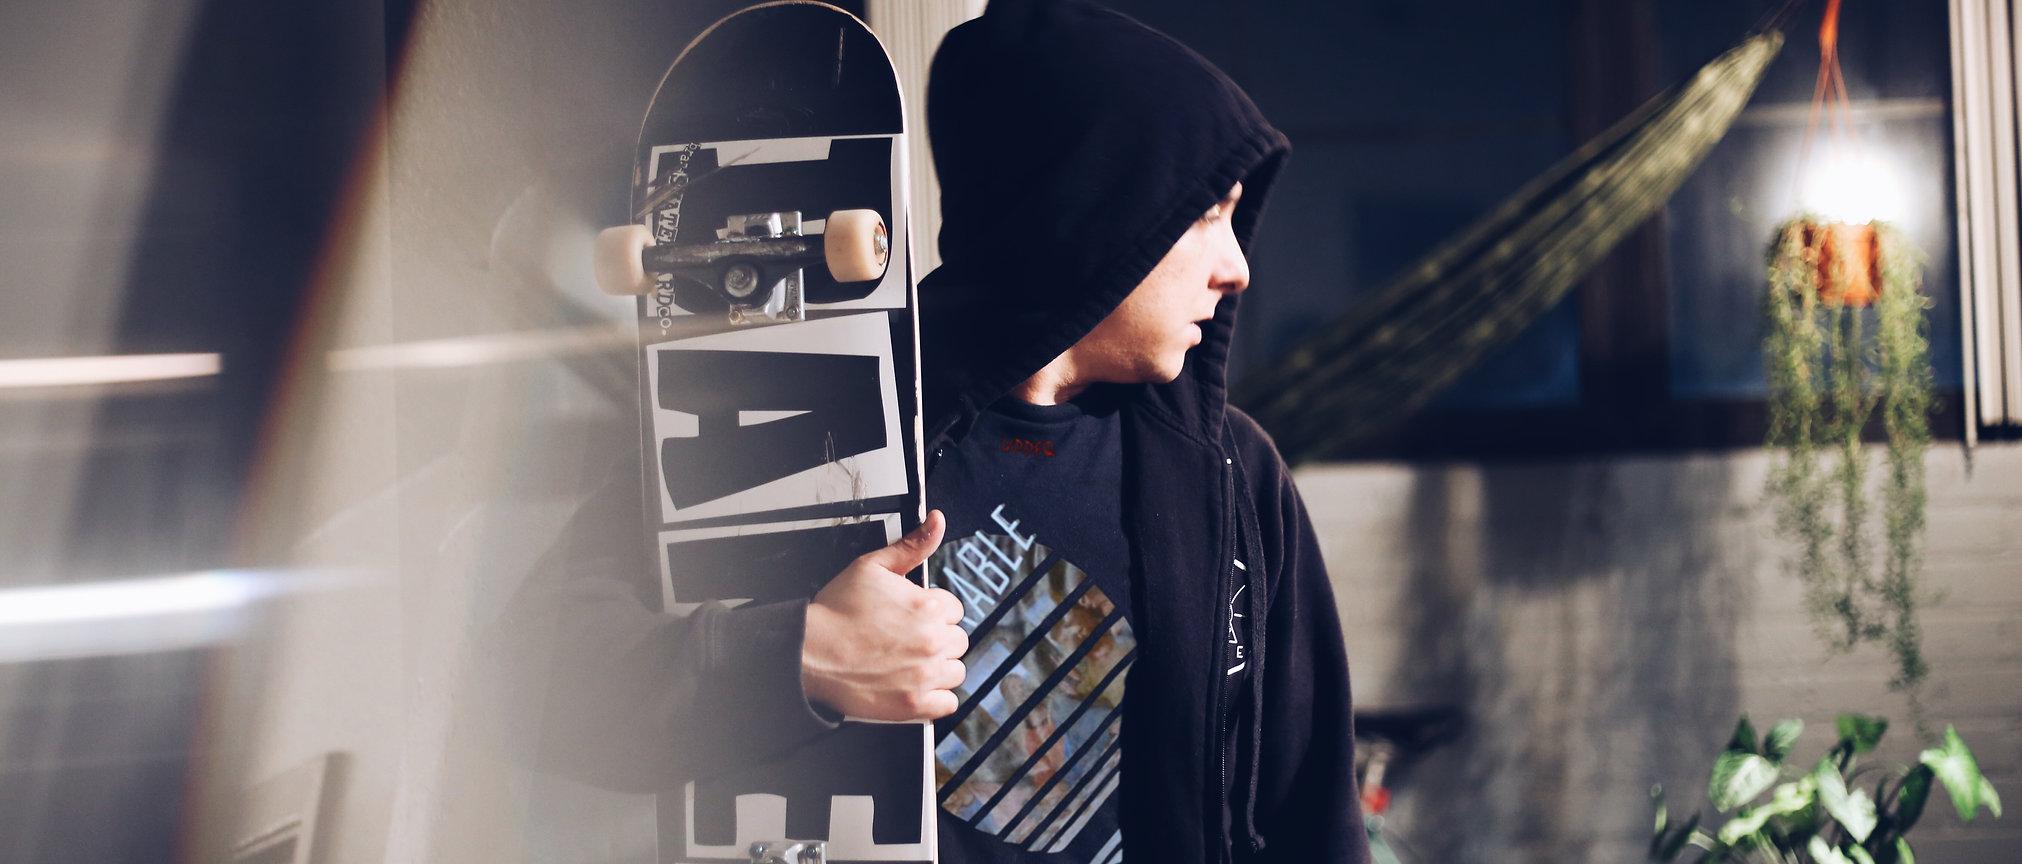 foto scattata durante il lookbok abbigliamento streetwear di Updfq brand della nostra t-shirt oversize admirable